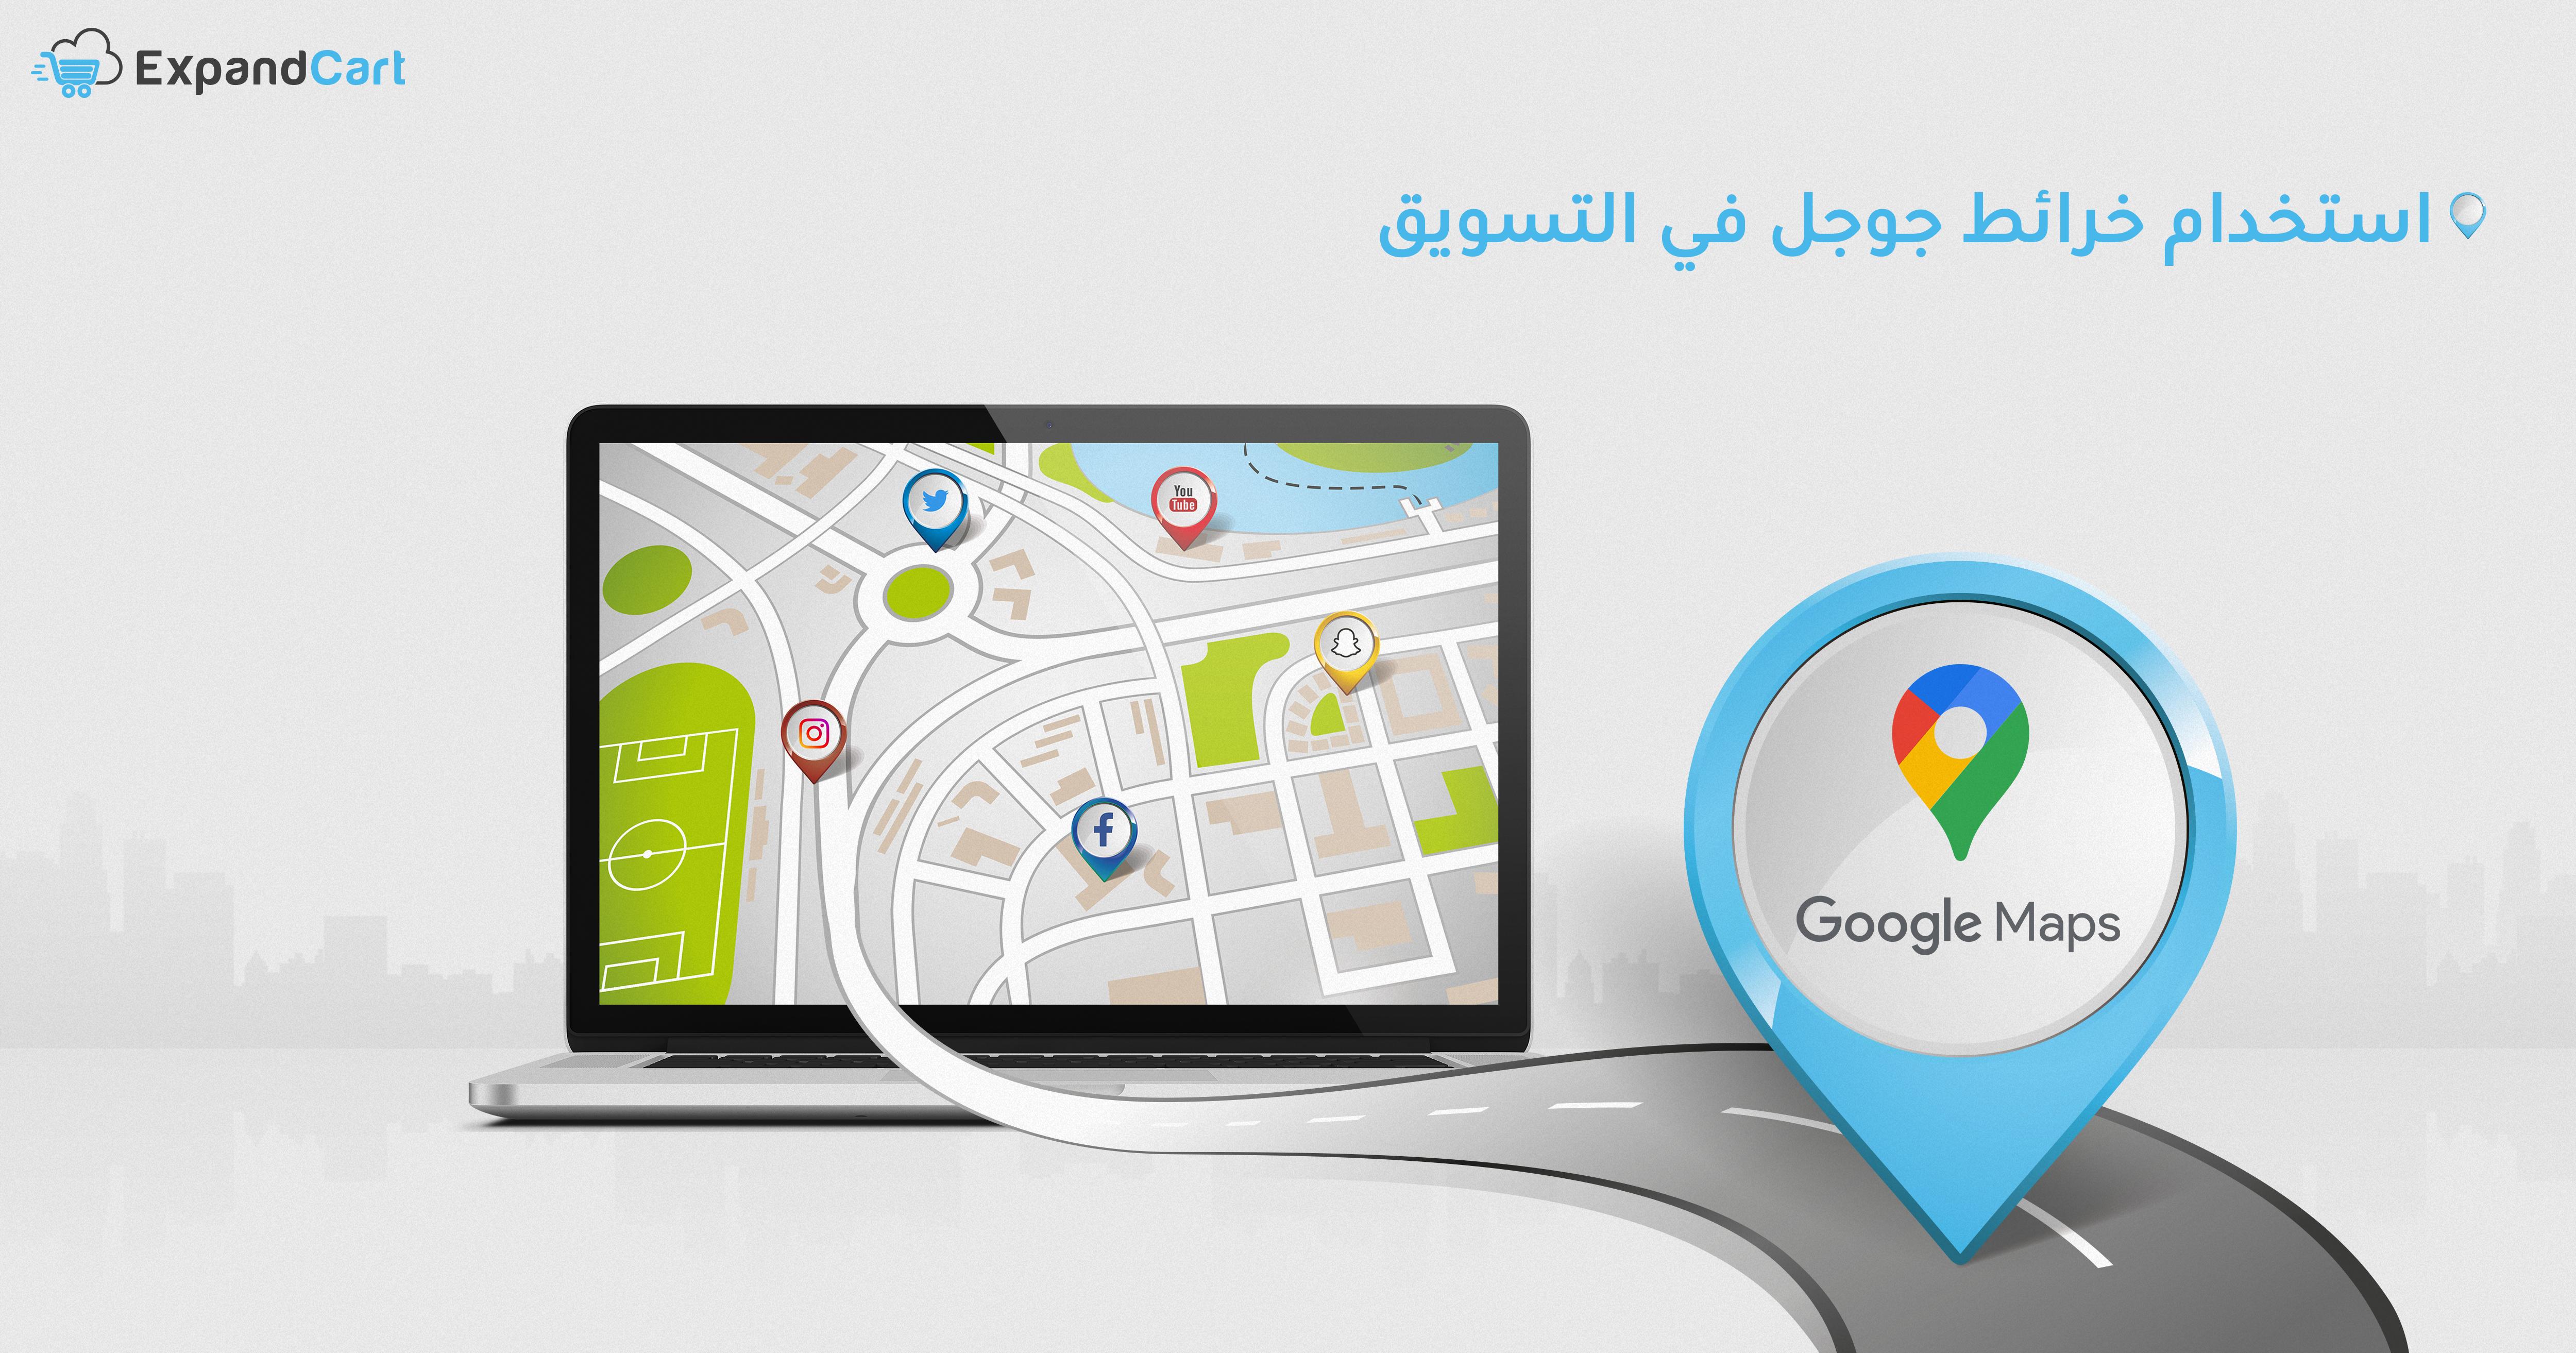 استخدام خرائط جوجل في التسويق